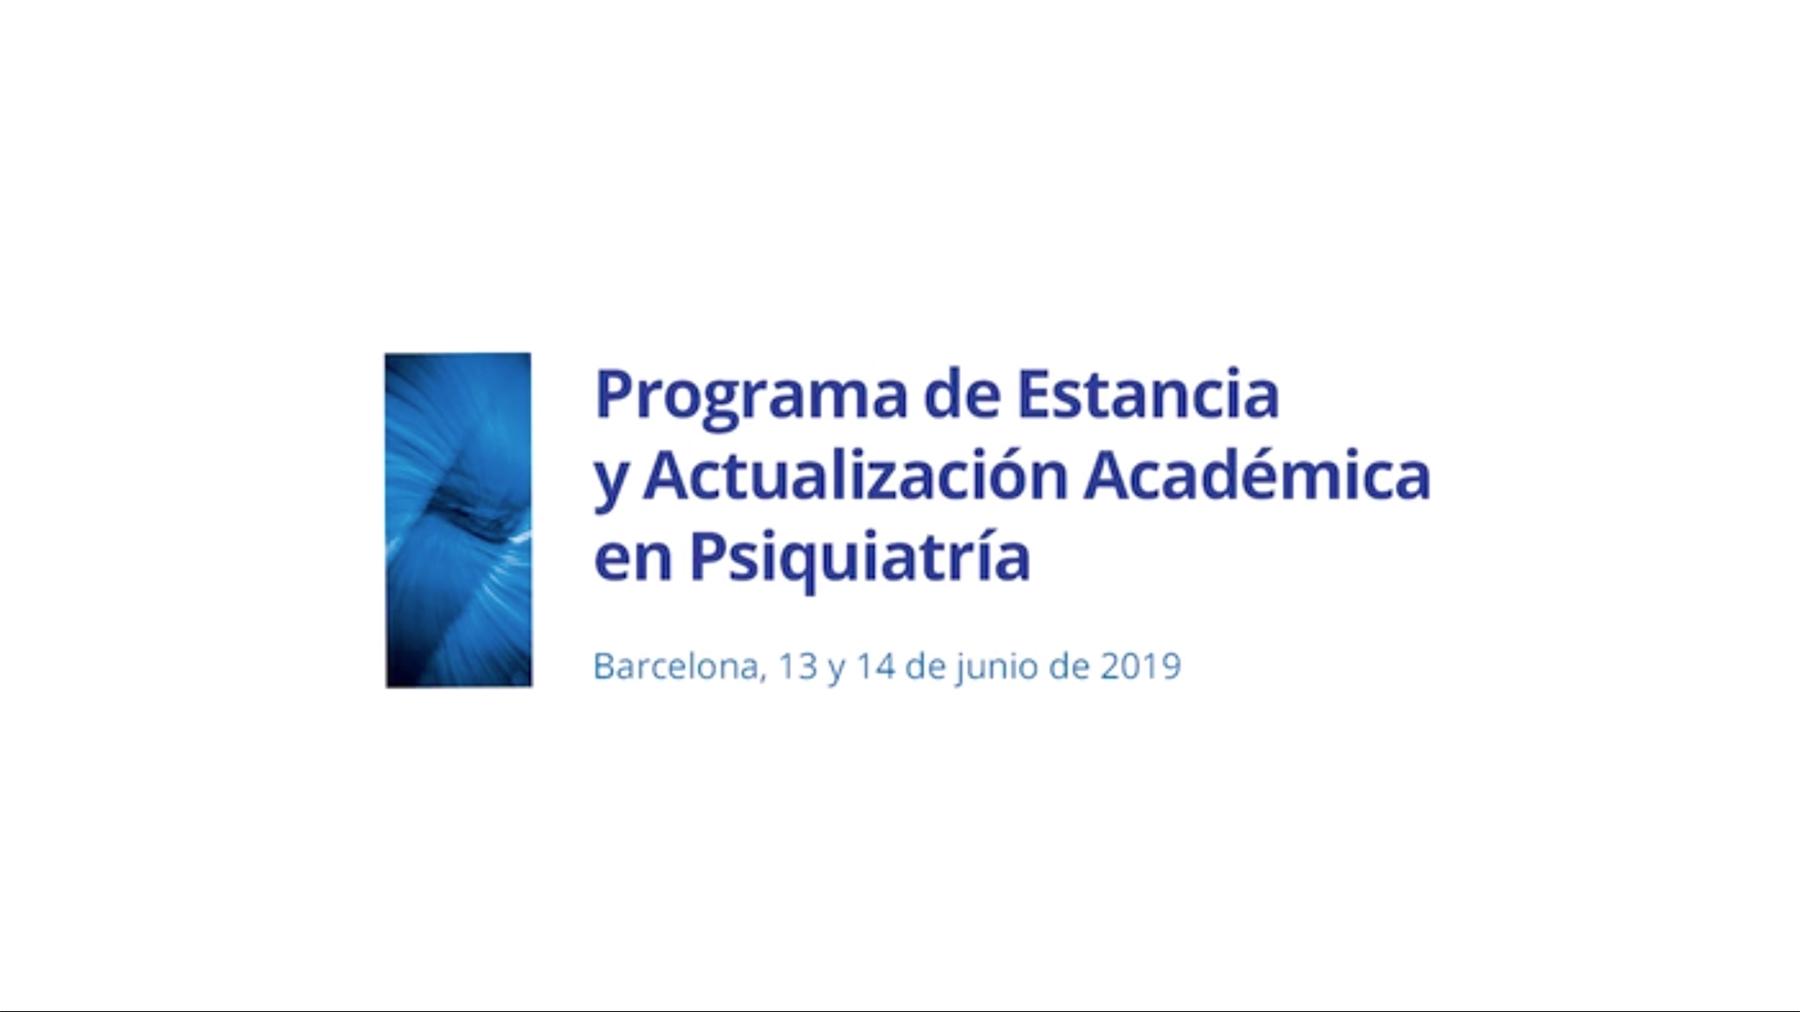 Programa de Estancia y Actualización Académica en Psiquiatría. Junio 2019